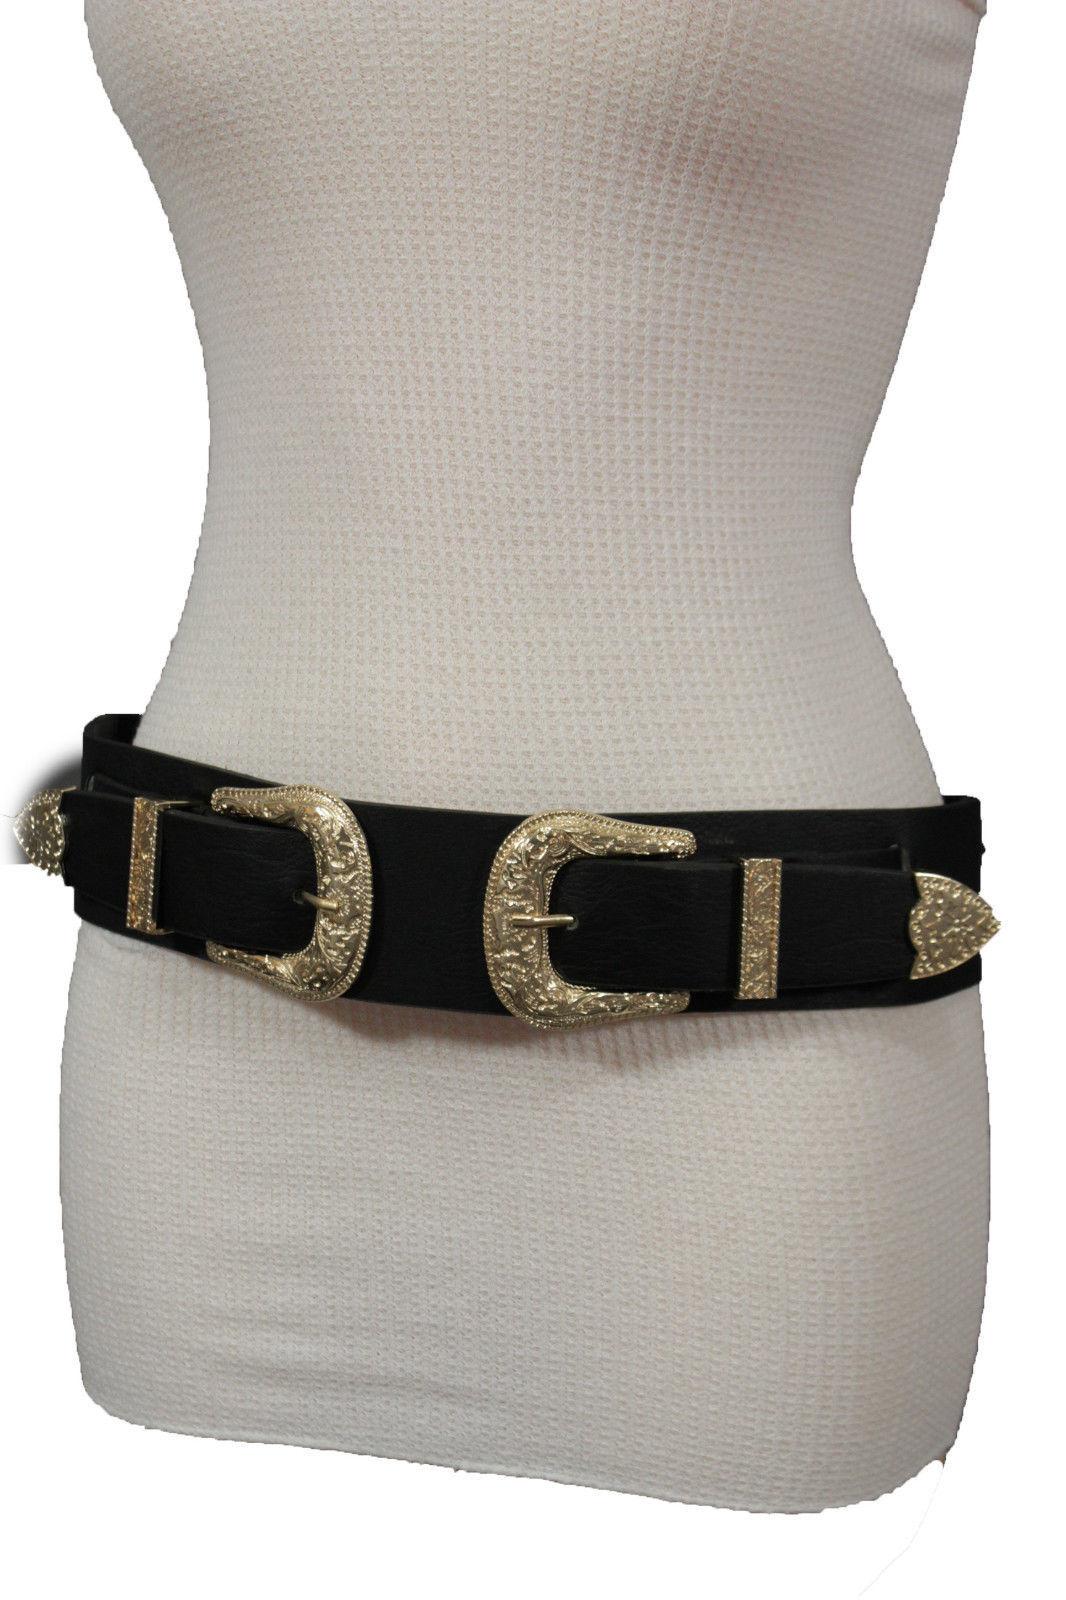 Damen West Doppel Gold Schnallen Mode Schwarzer Gürtel Elastisch Hüfte Taille So